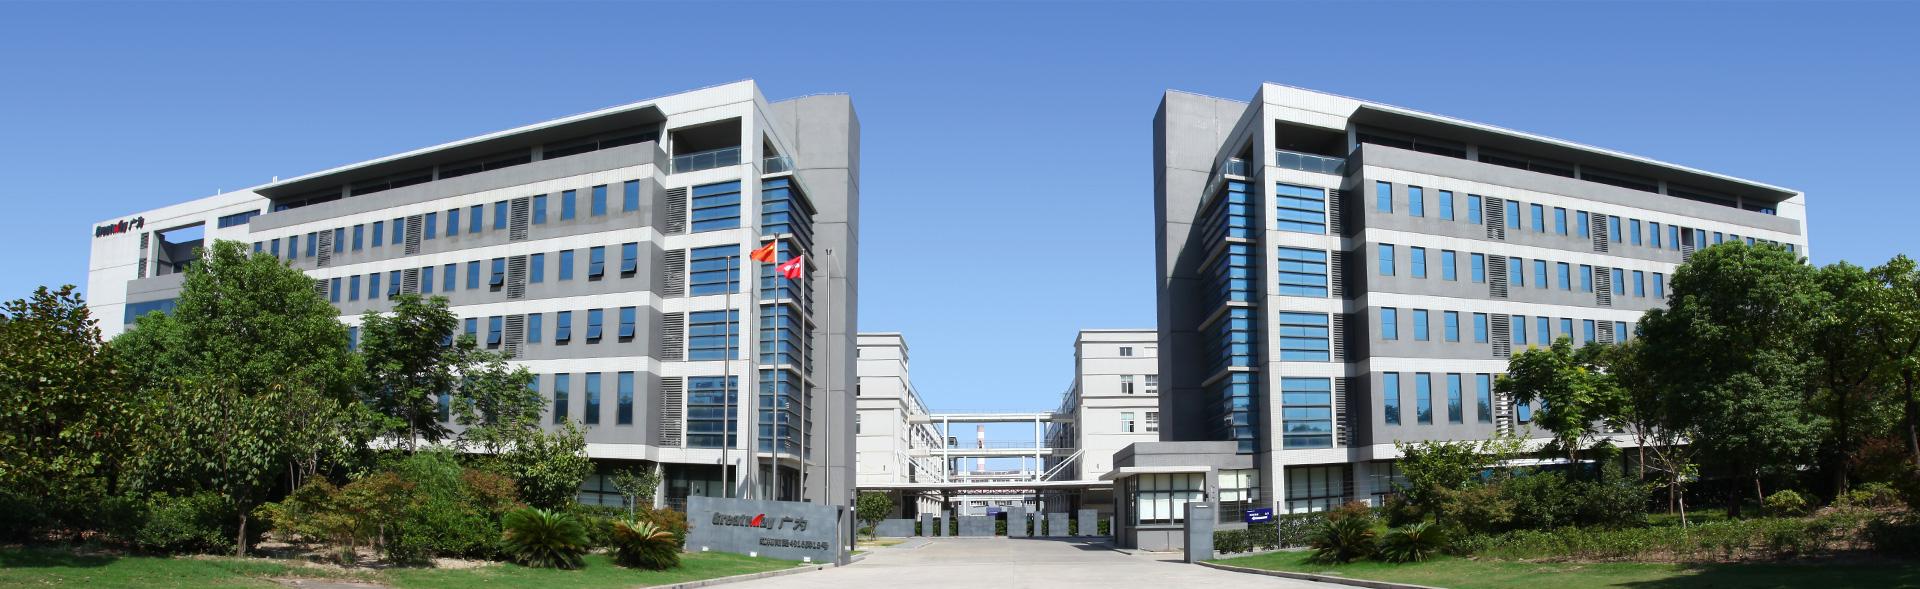 guangwei building